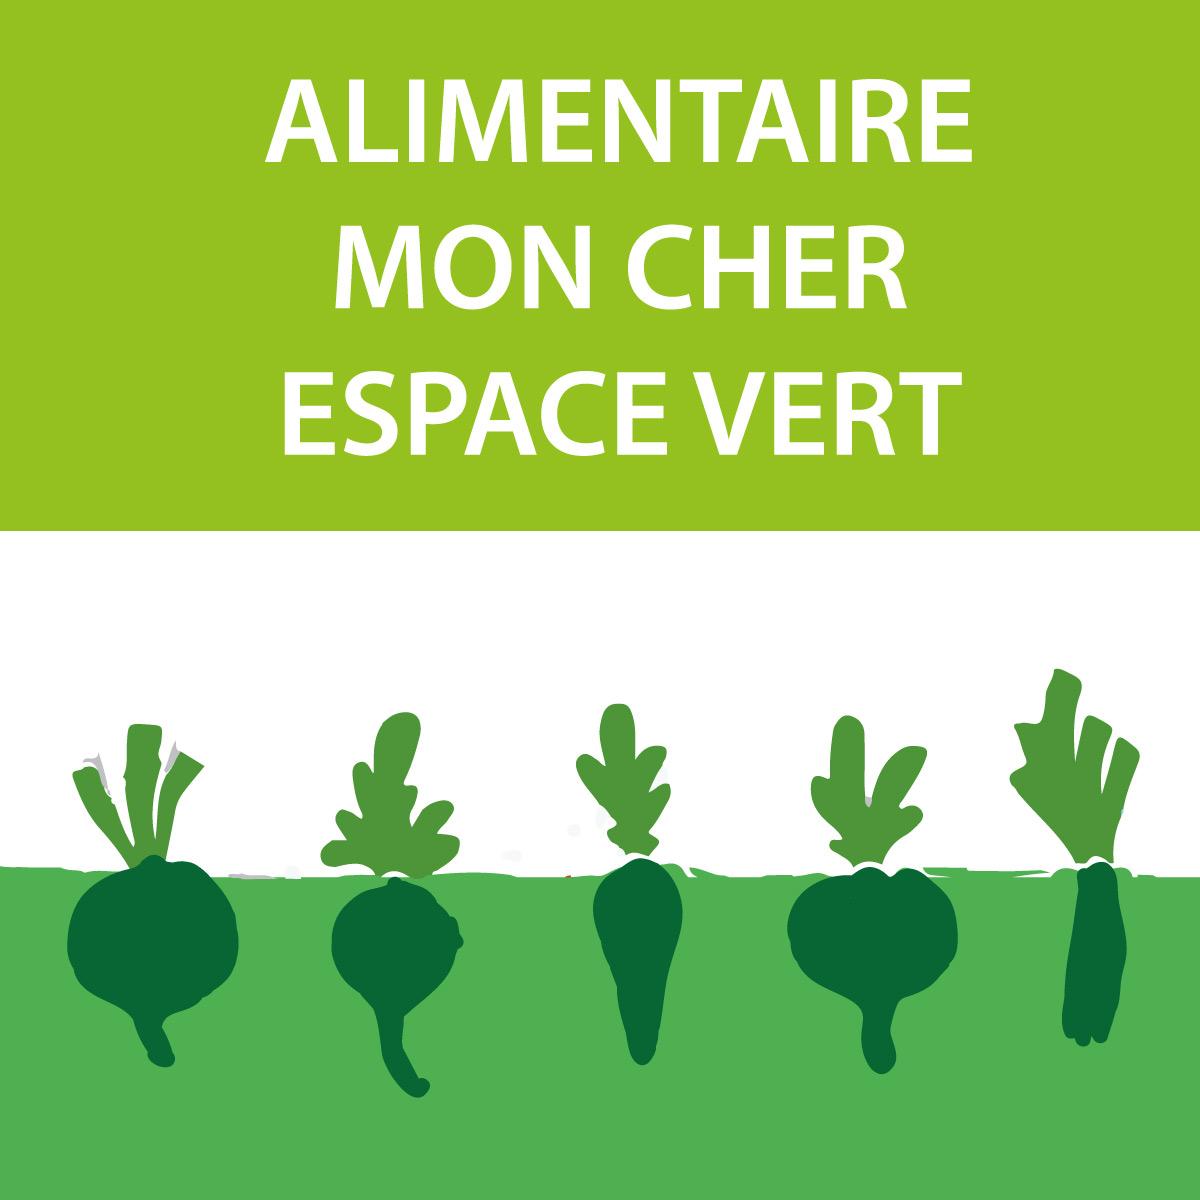 ALIMENTAIRE-MON-CHER-ESPACE-VERT-vignette-pdf-page-activites-flore-gourmande